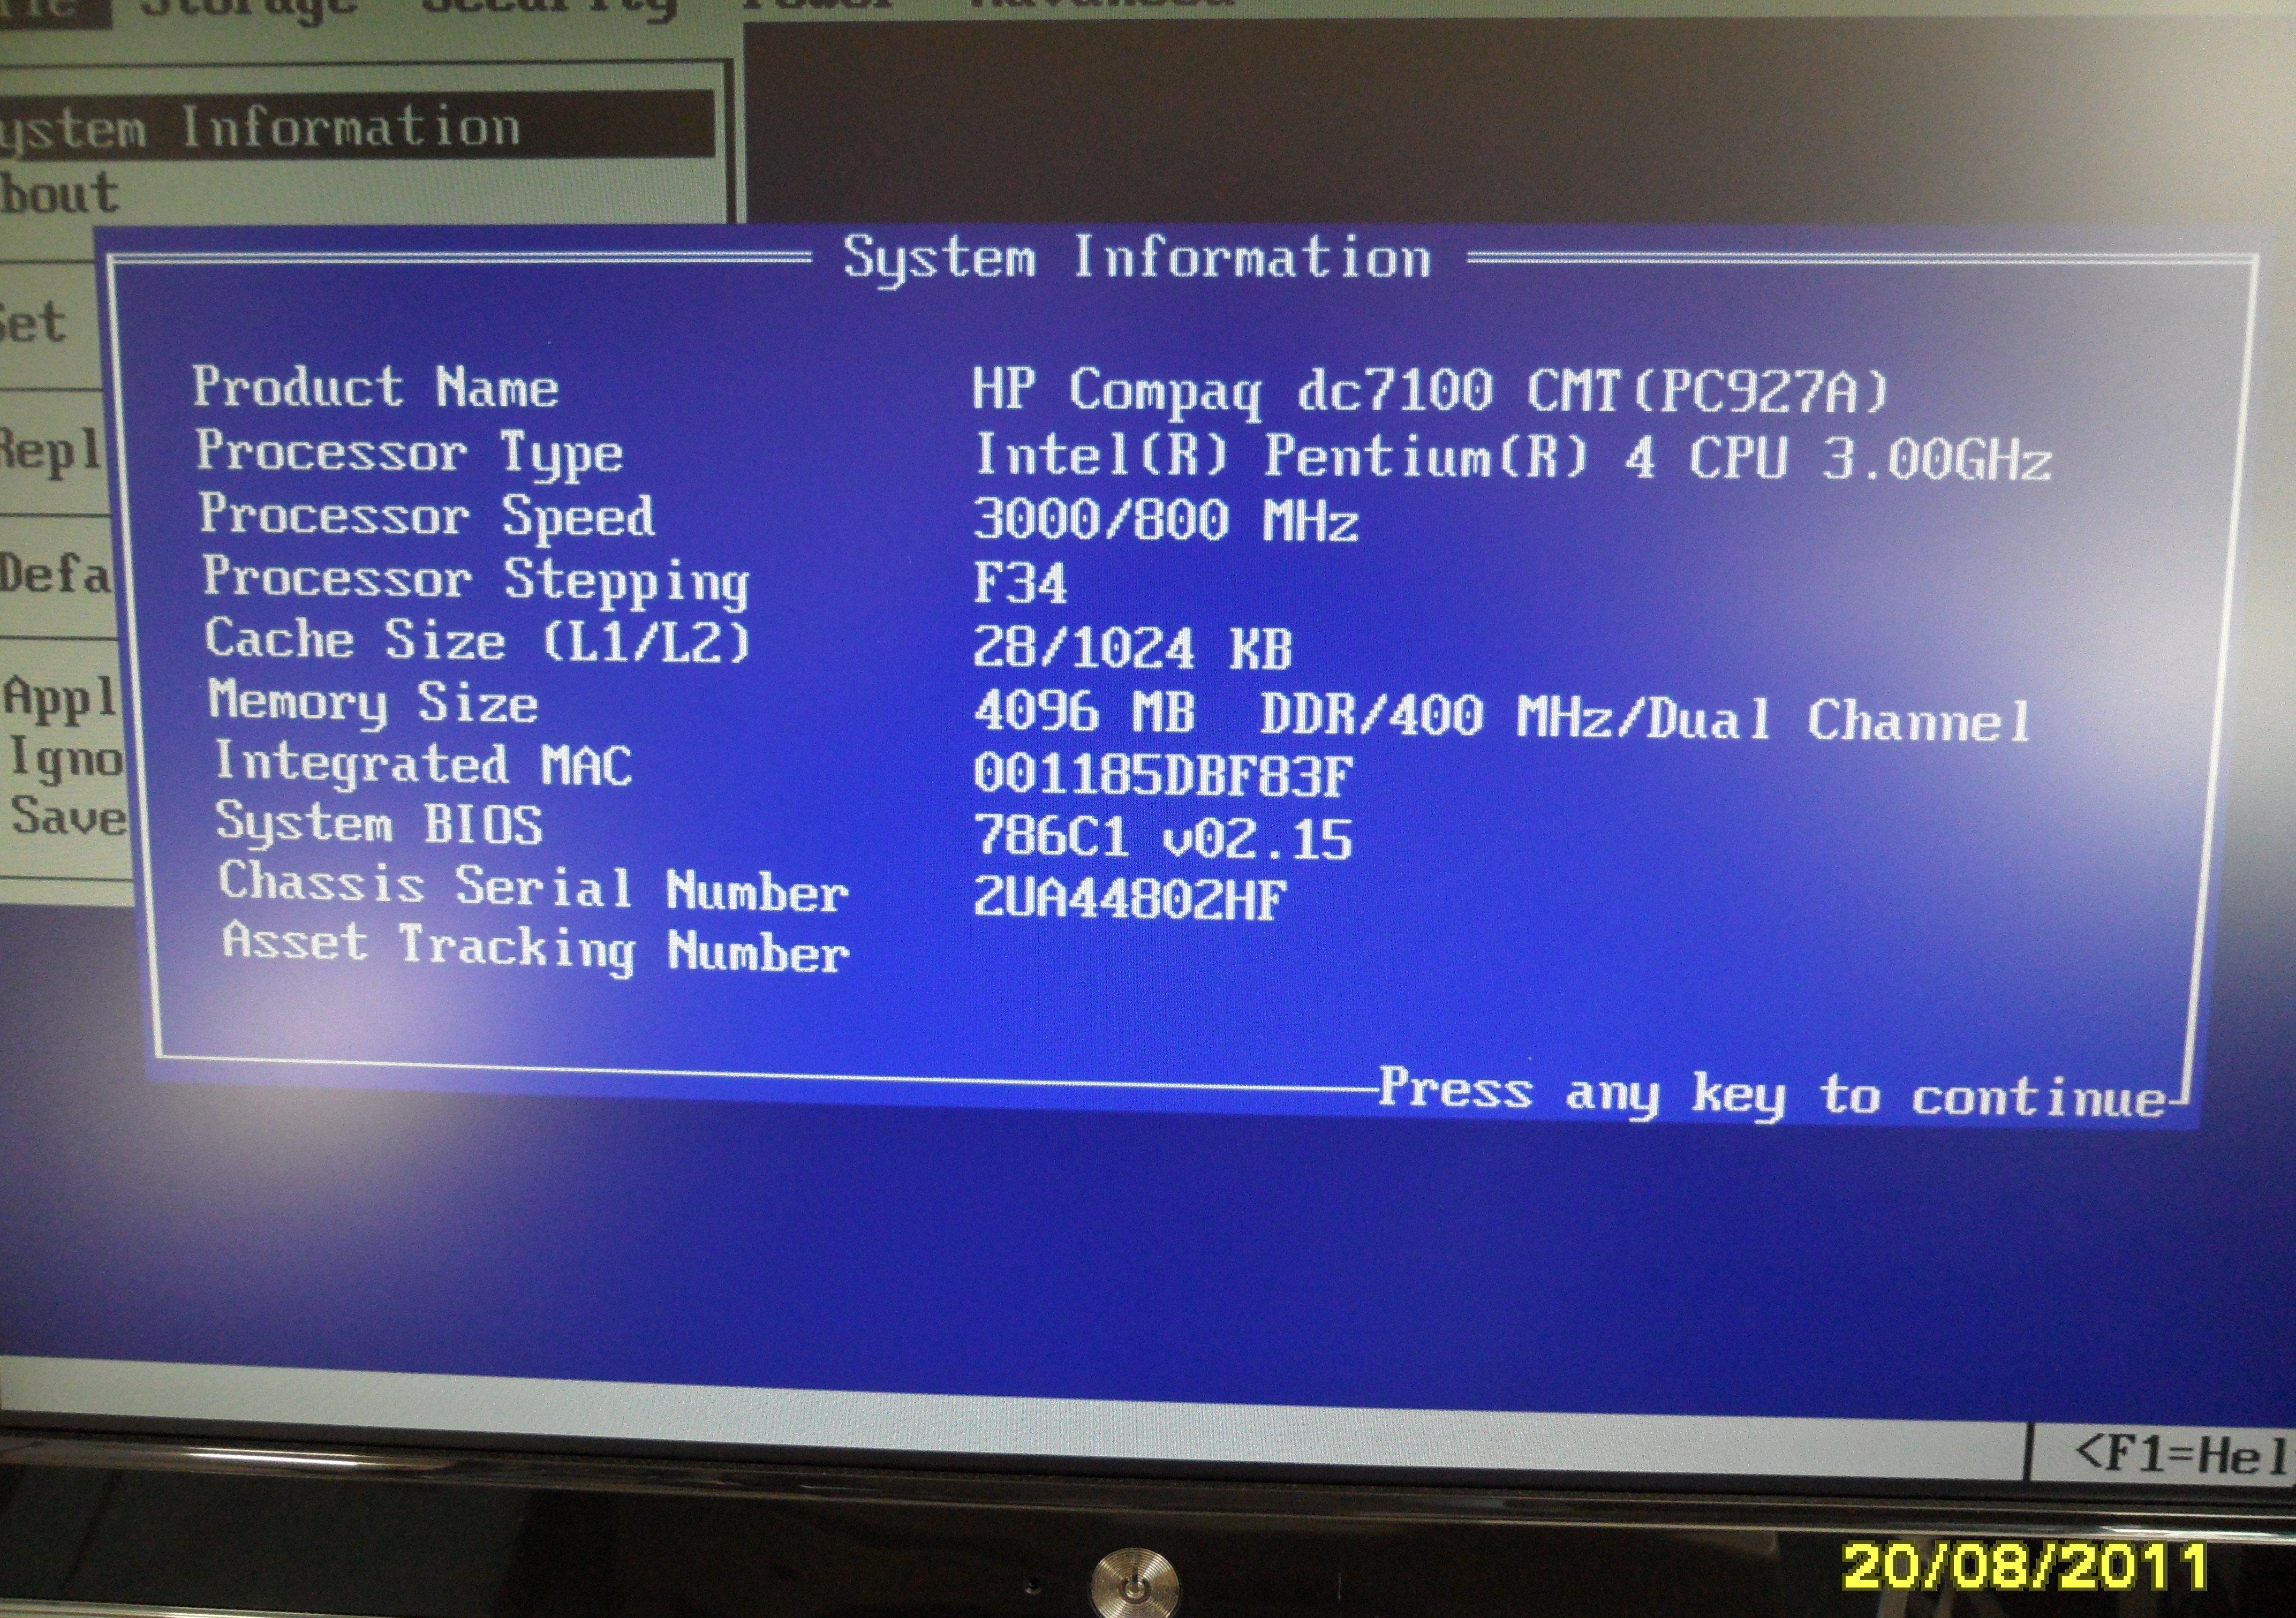 Index of /ftp/Drivers/HP/DC7100/Winni2